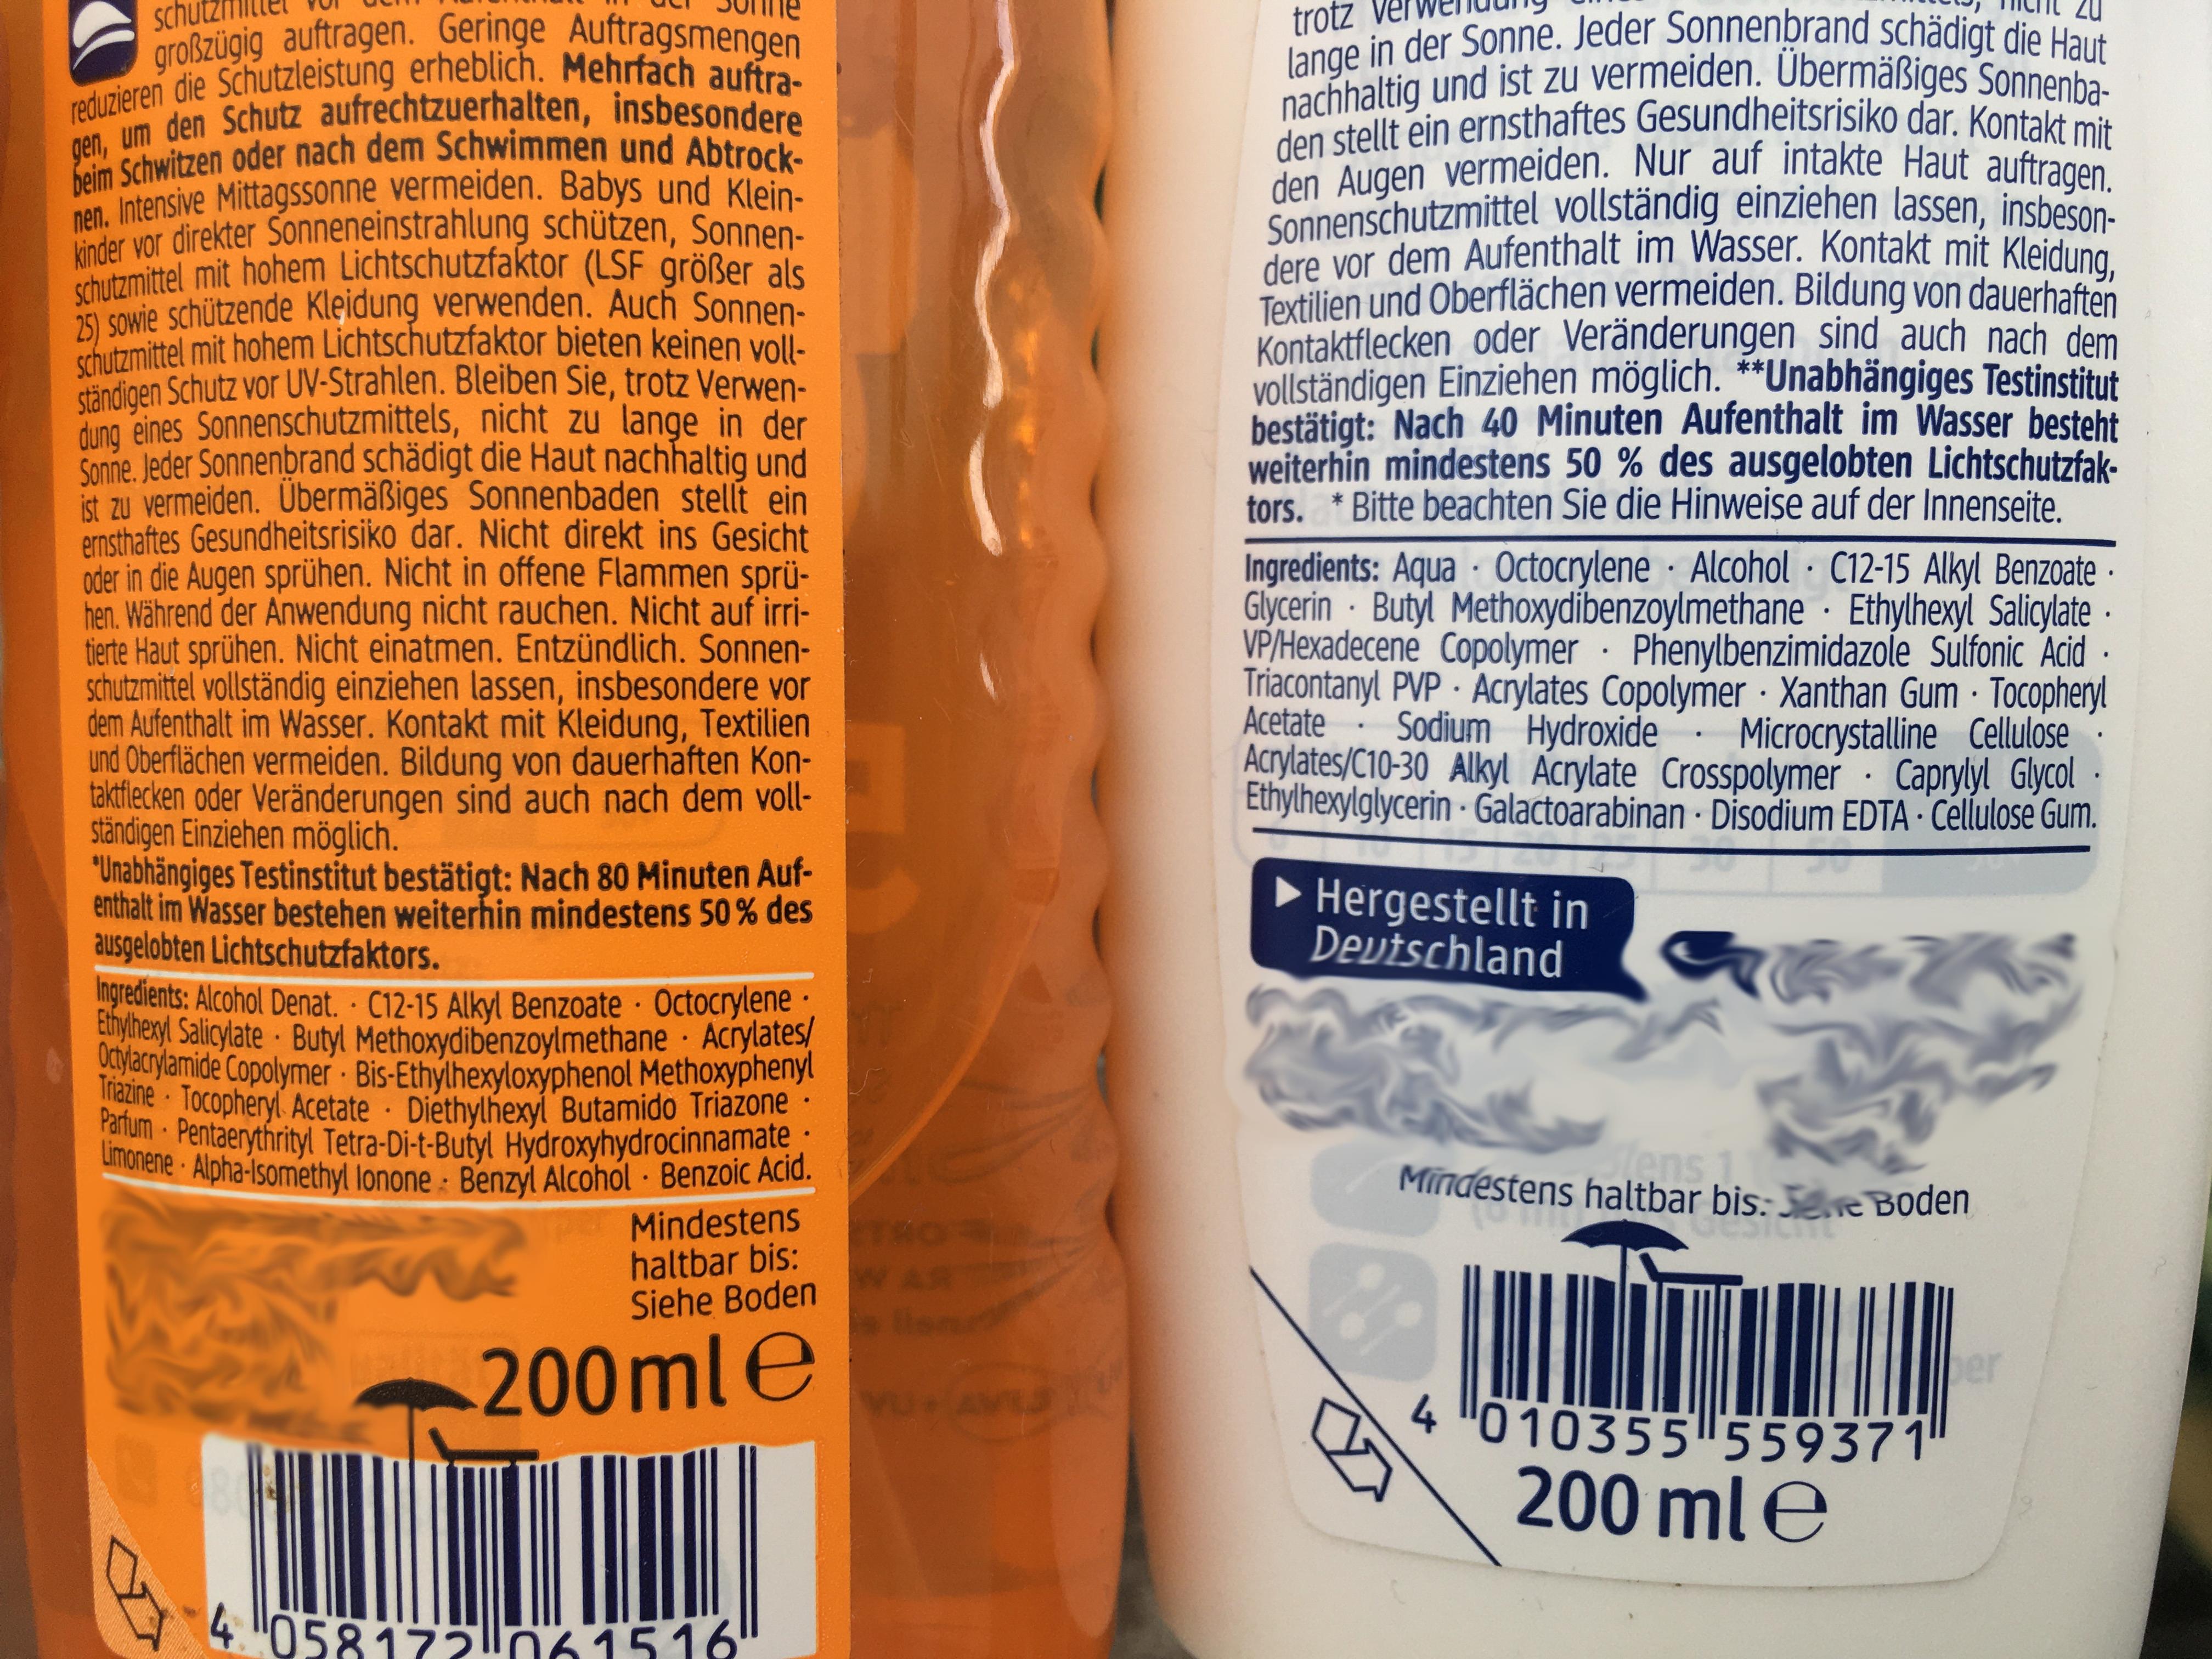 Inhaltsstoffe Sonnenmilch